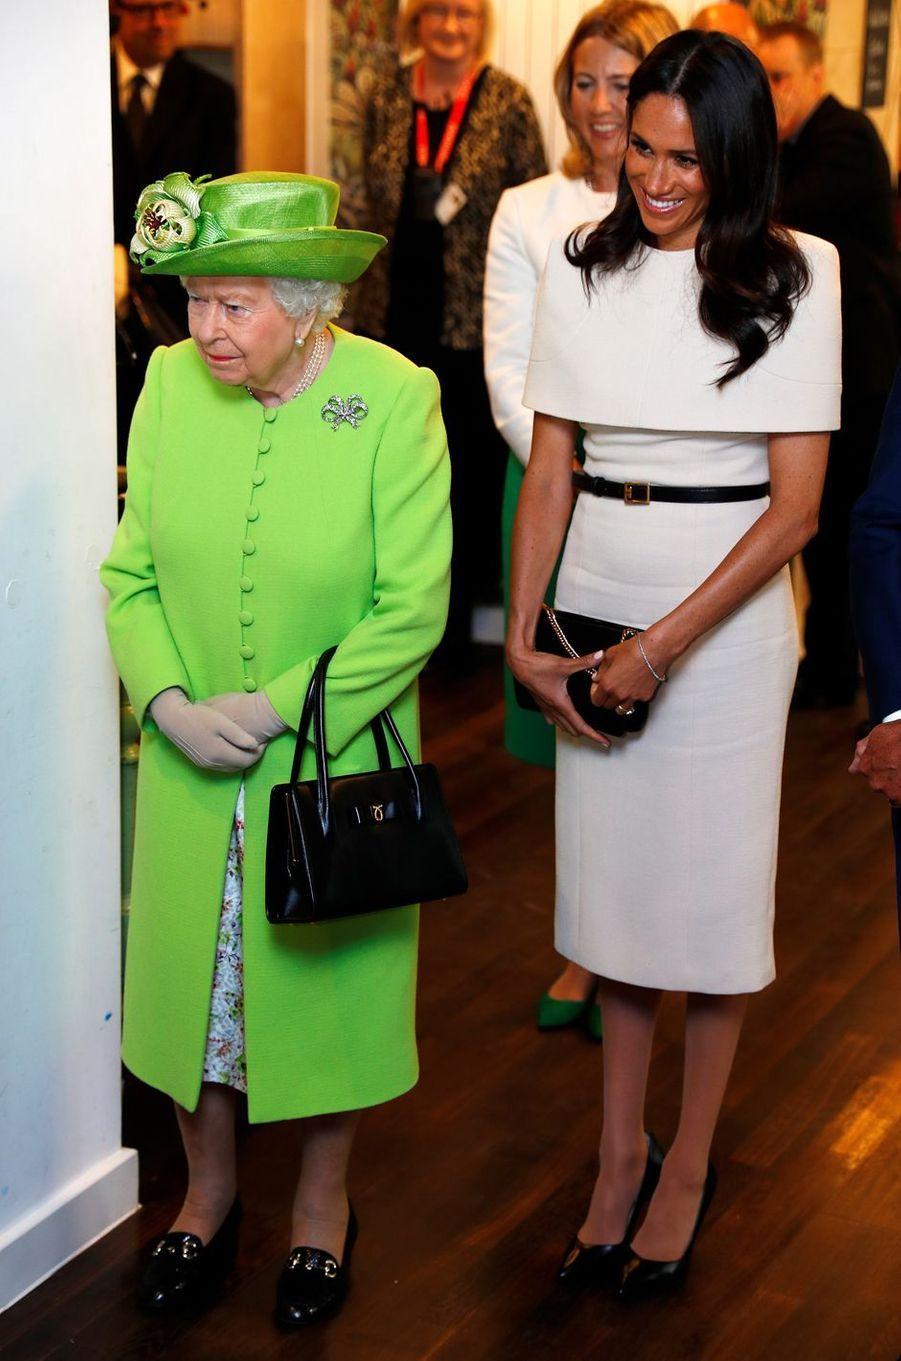 Meghan Markle, en Givenchy, et la reine Elizabeth II dans le Cheshire, le 14 juin 2018